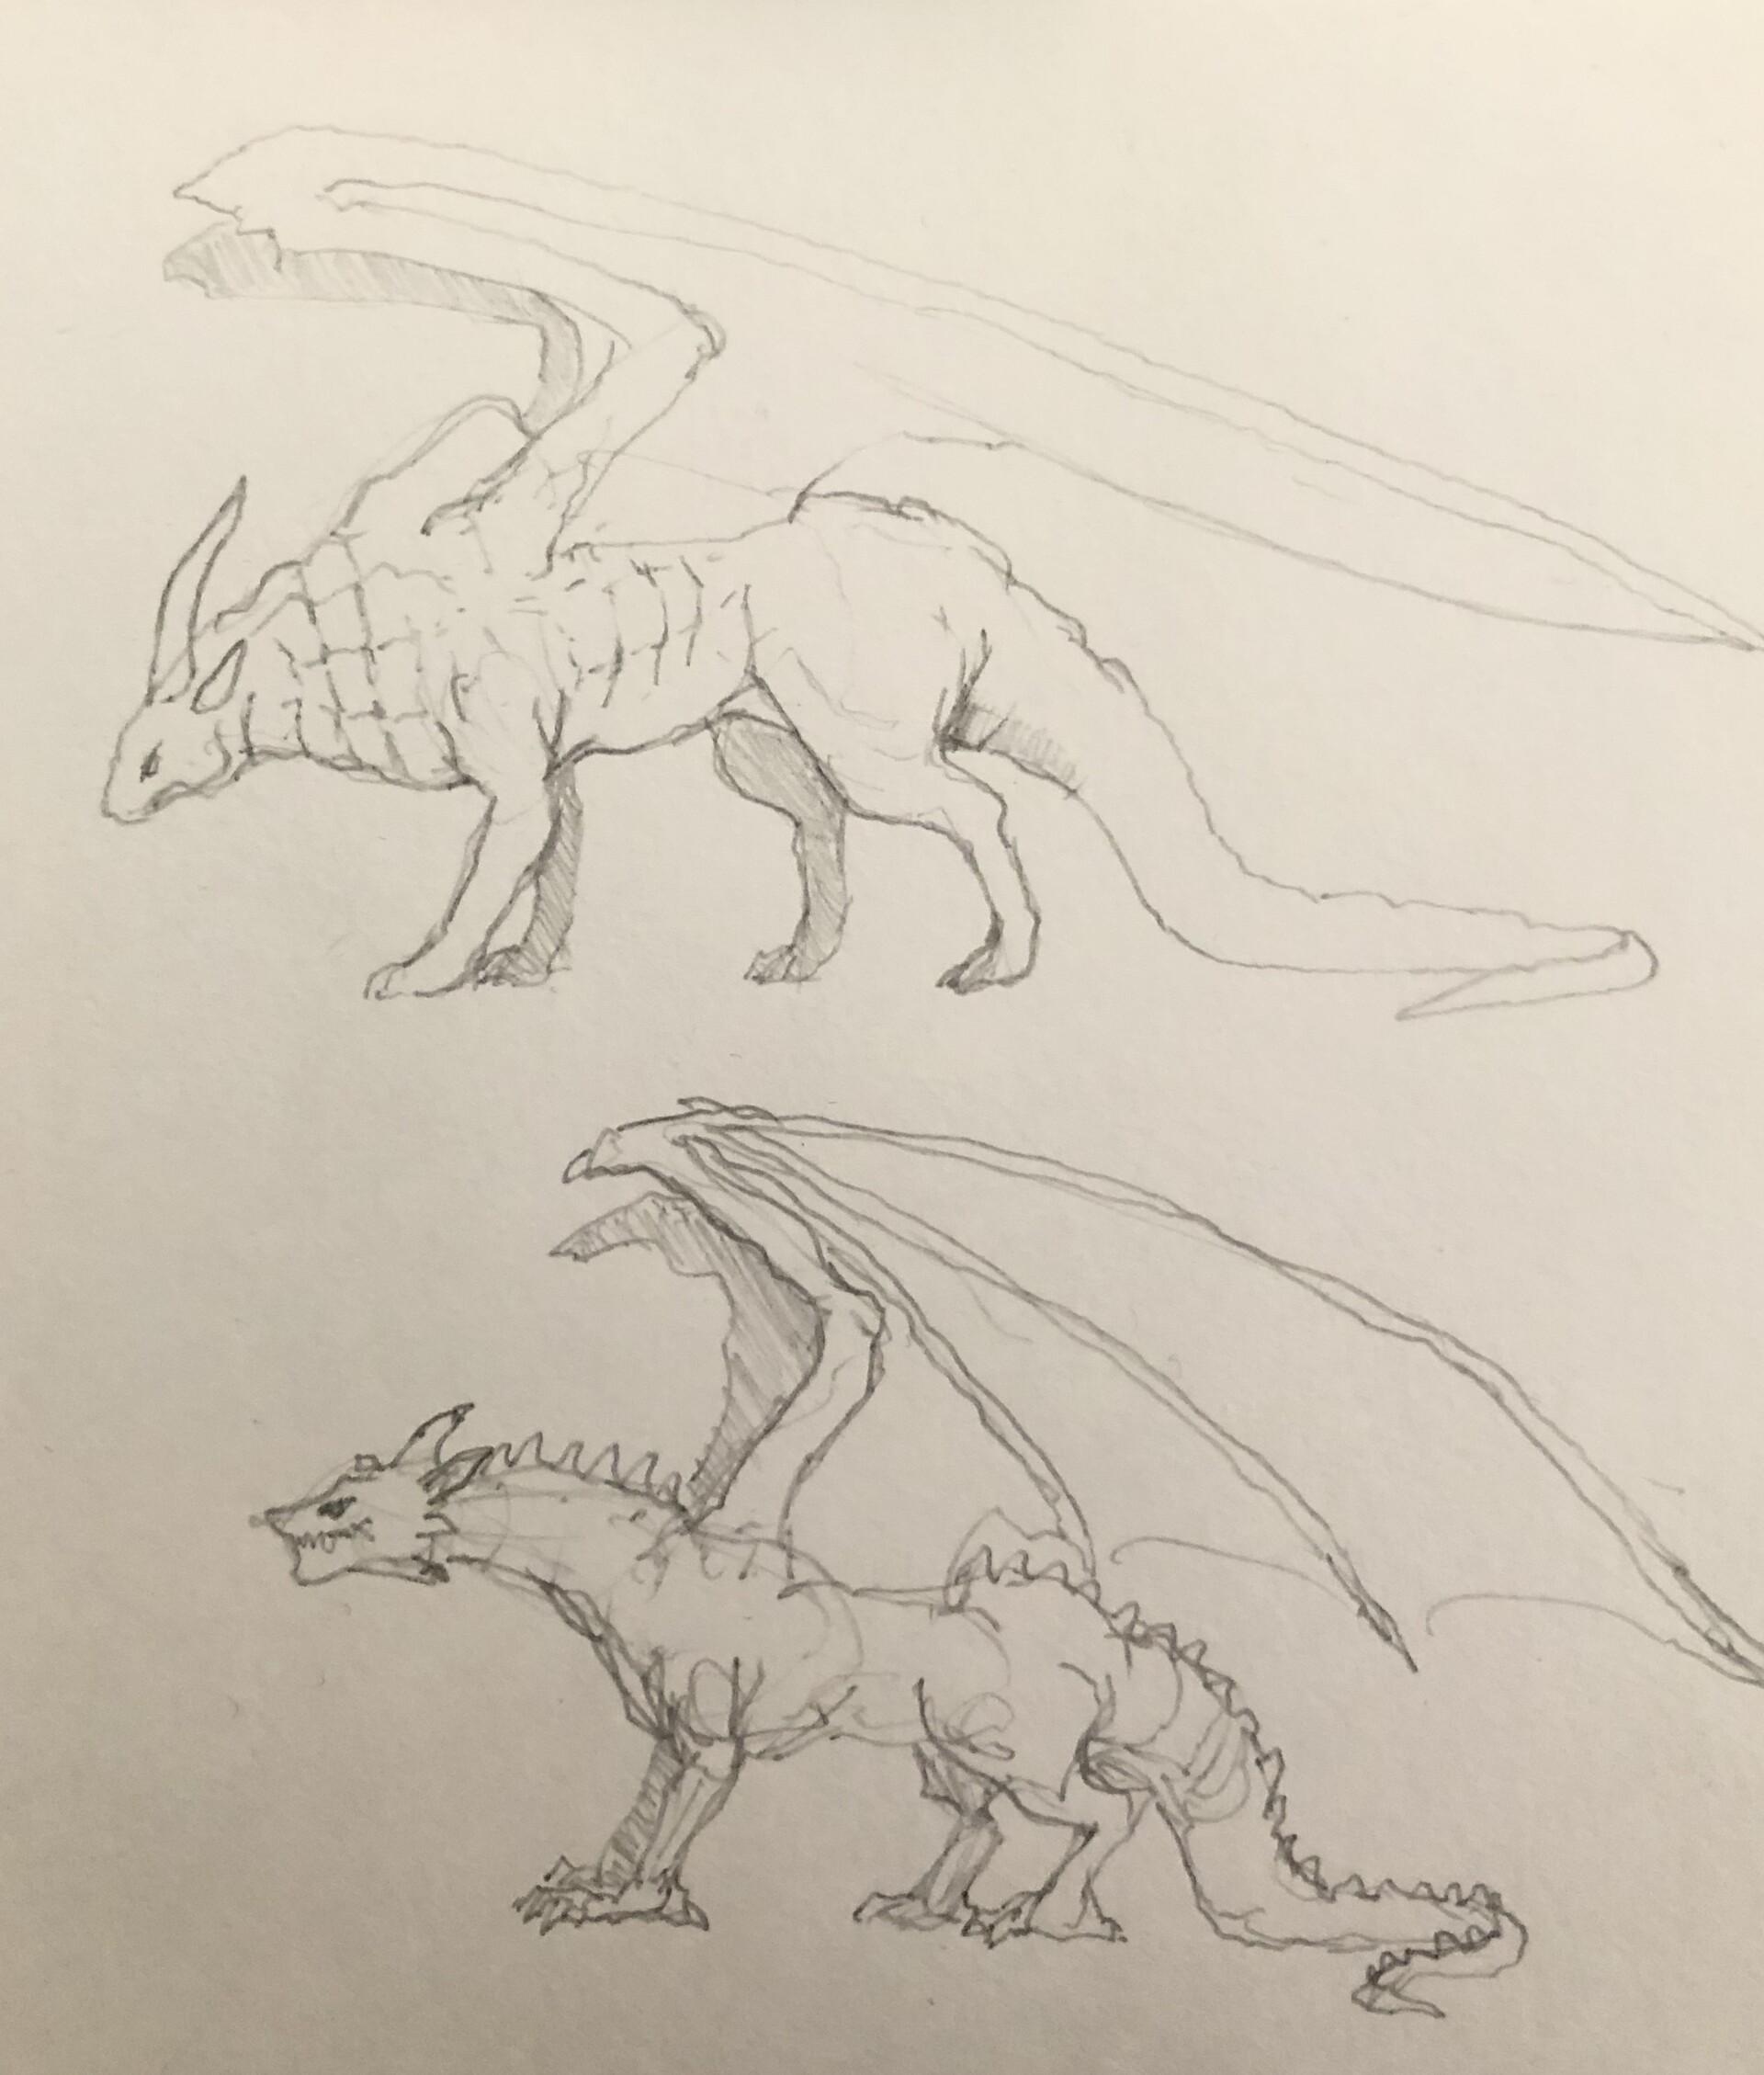 Sketchy ideas